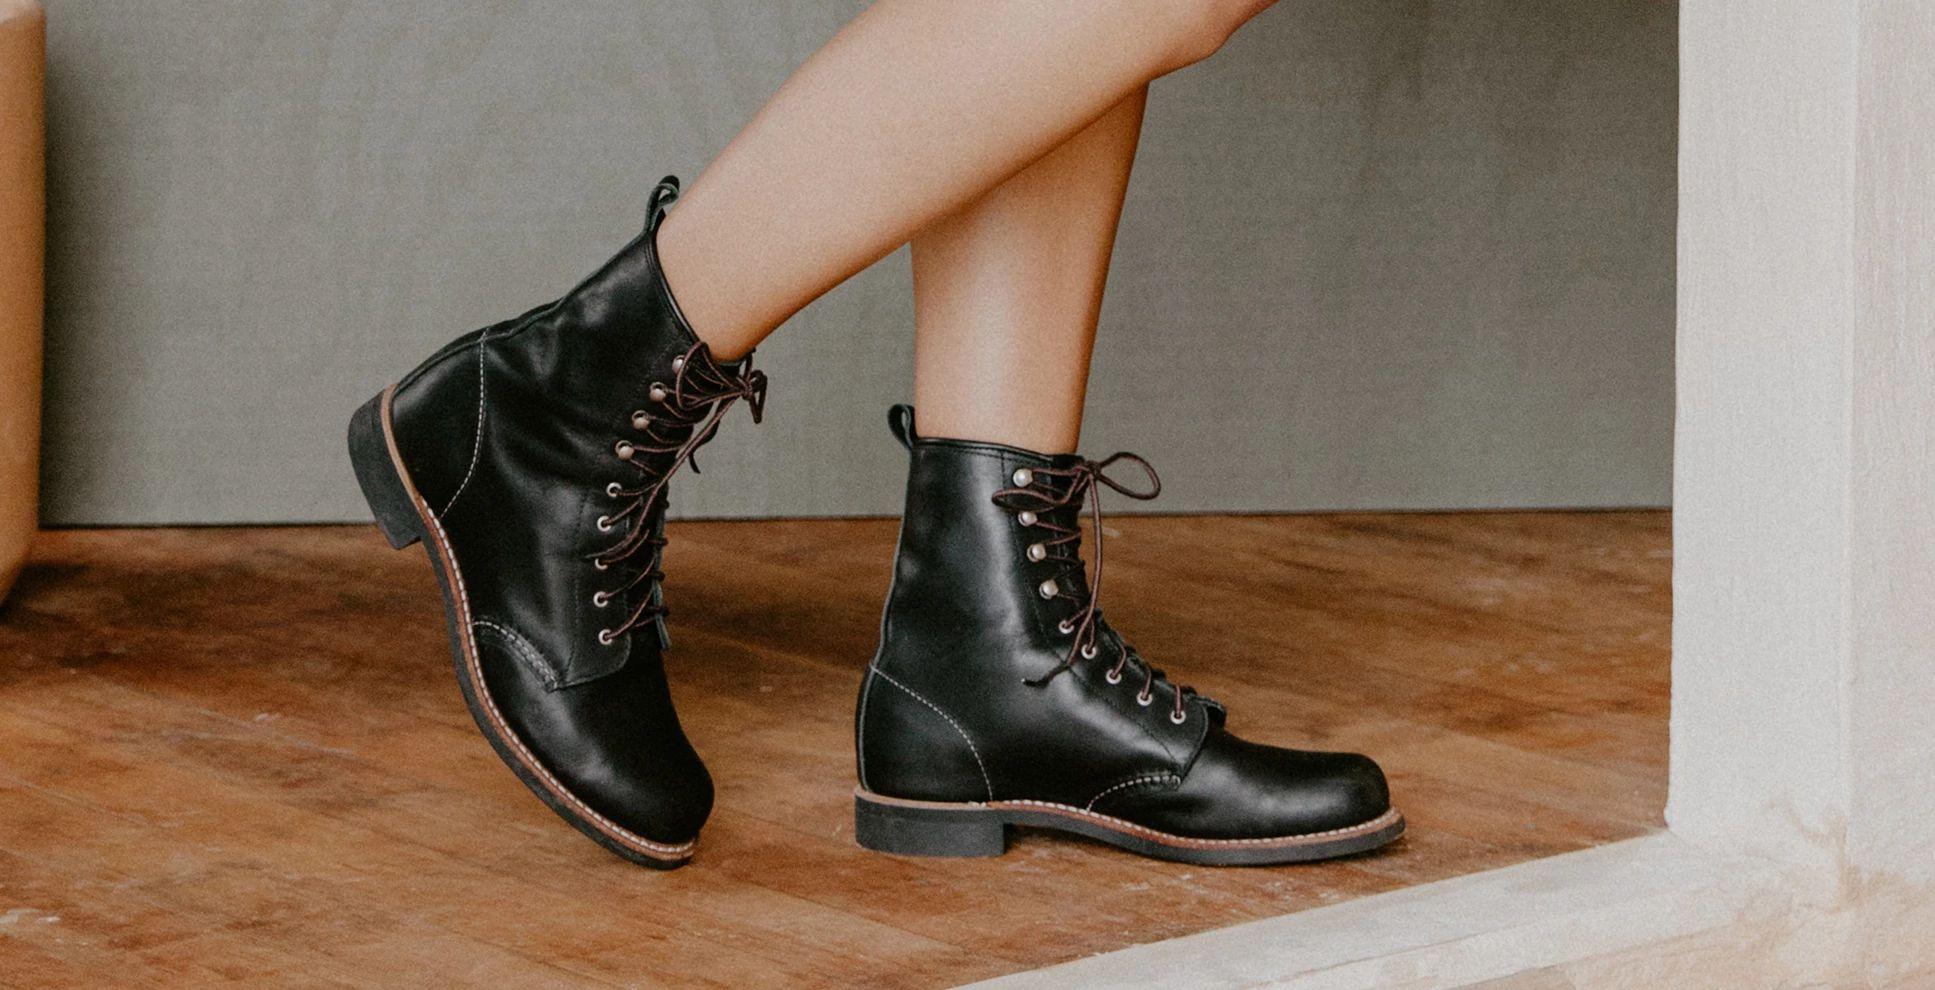 View Heritage Womens footwear